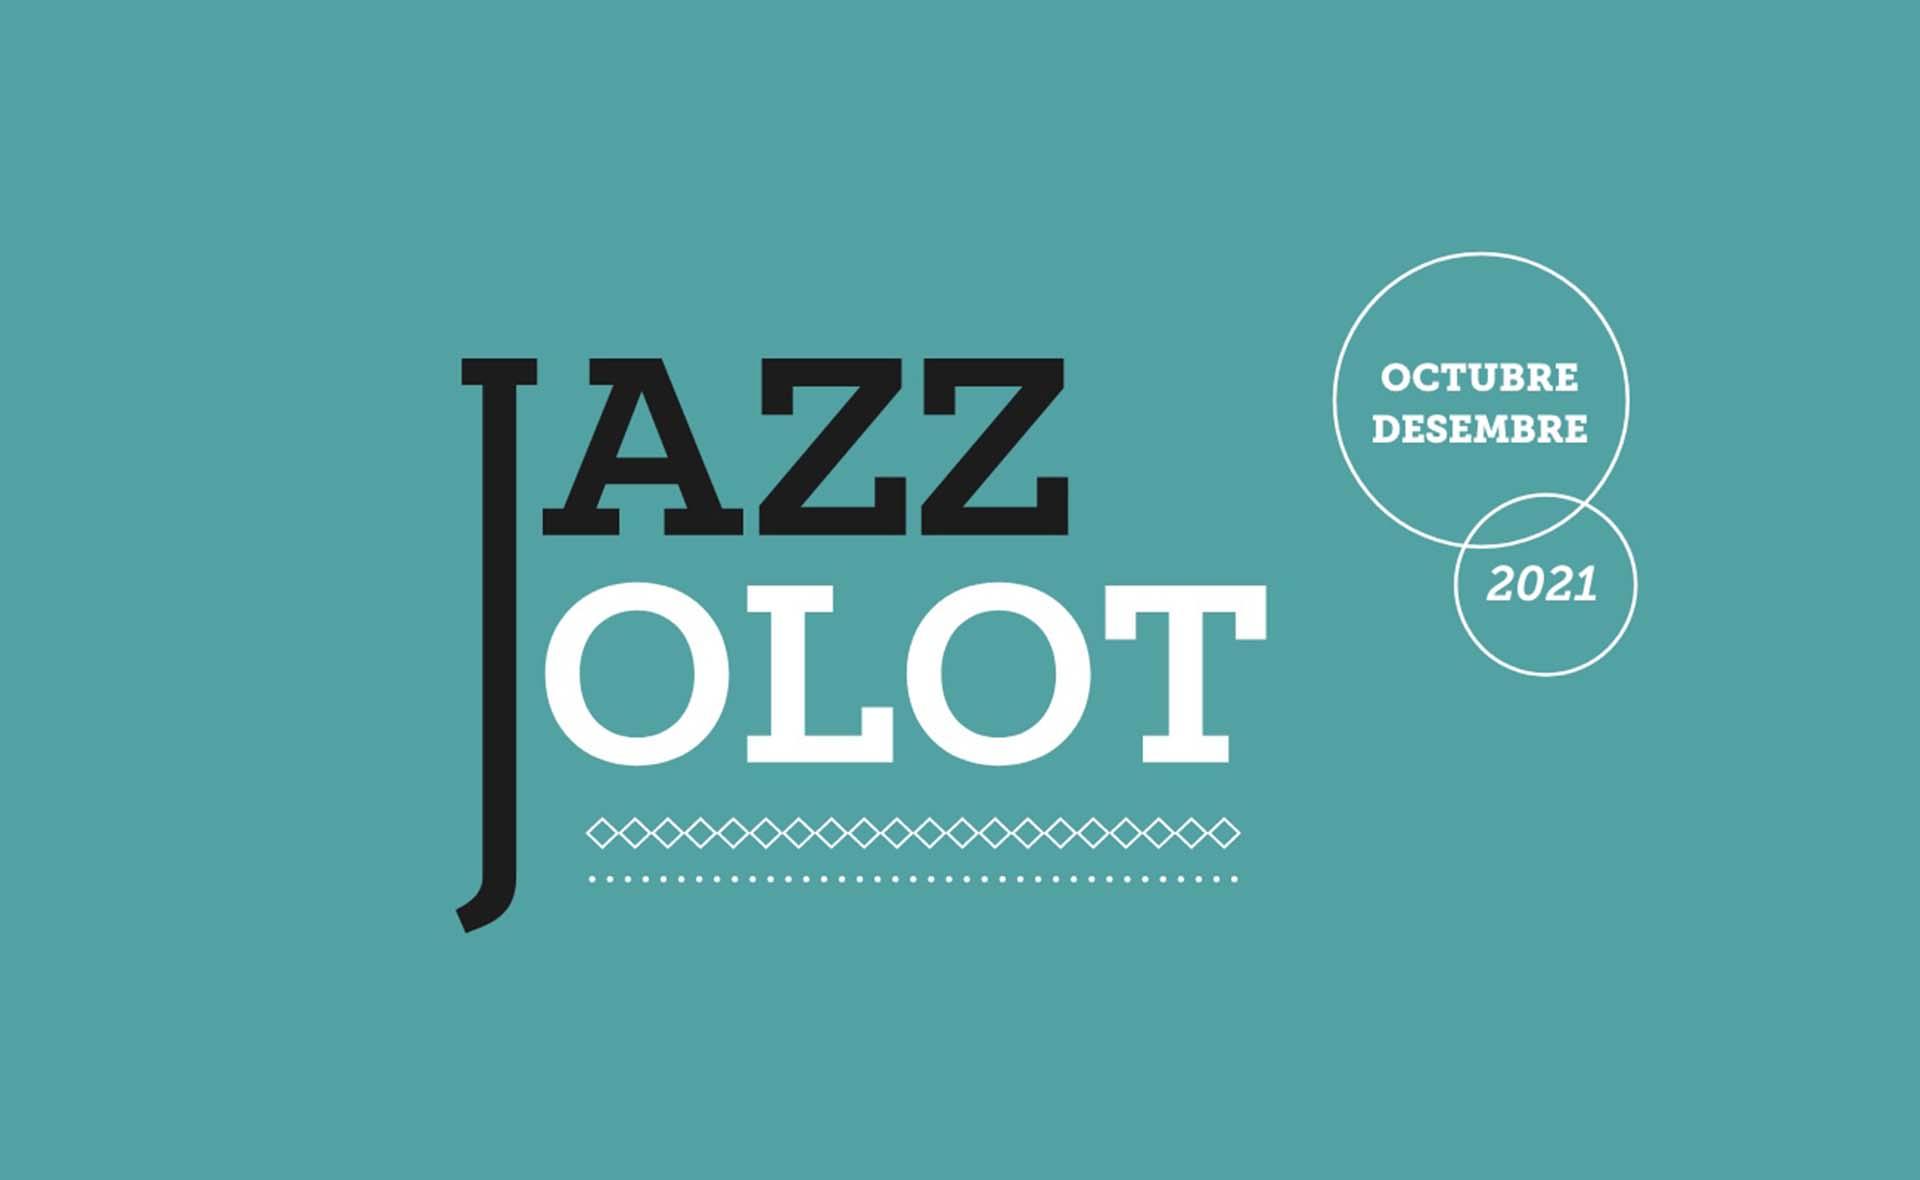 Comença la 16a edició del Jazz Olot!